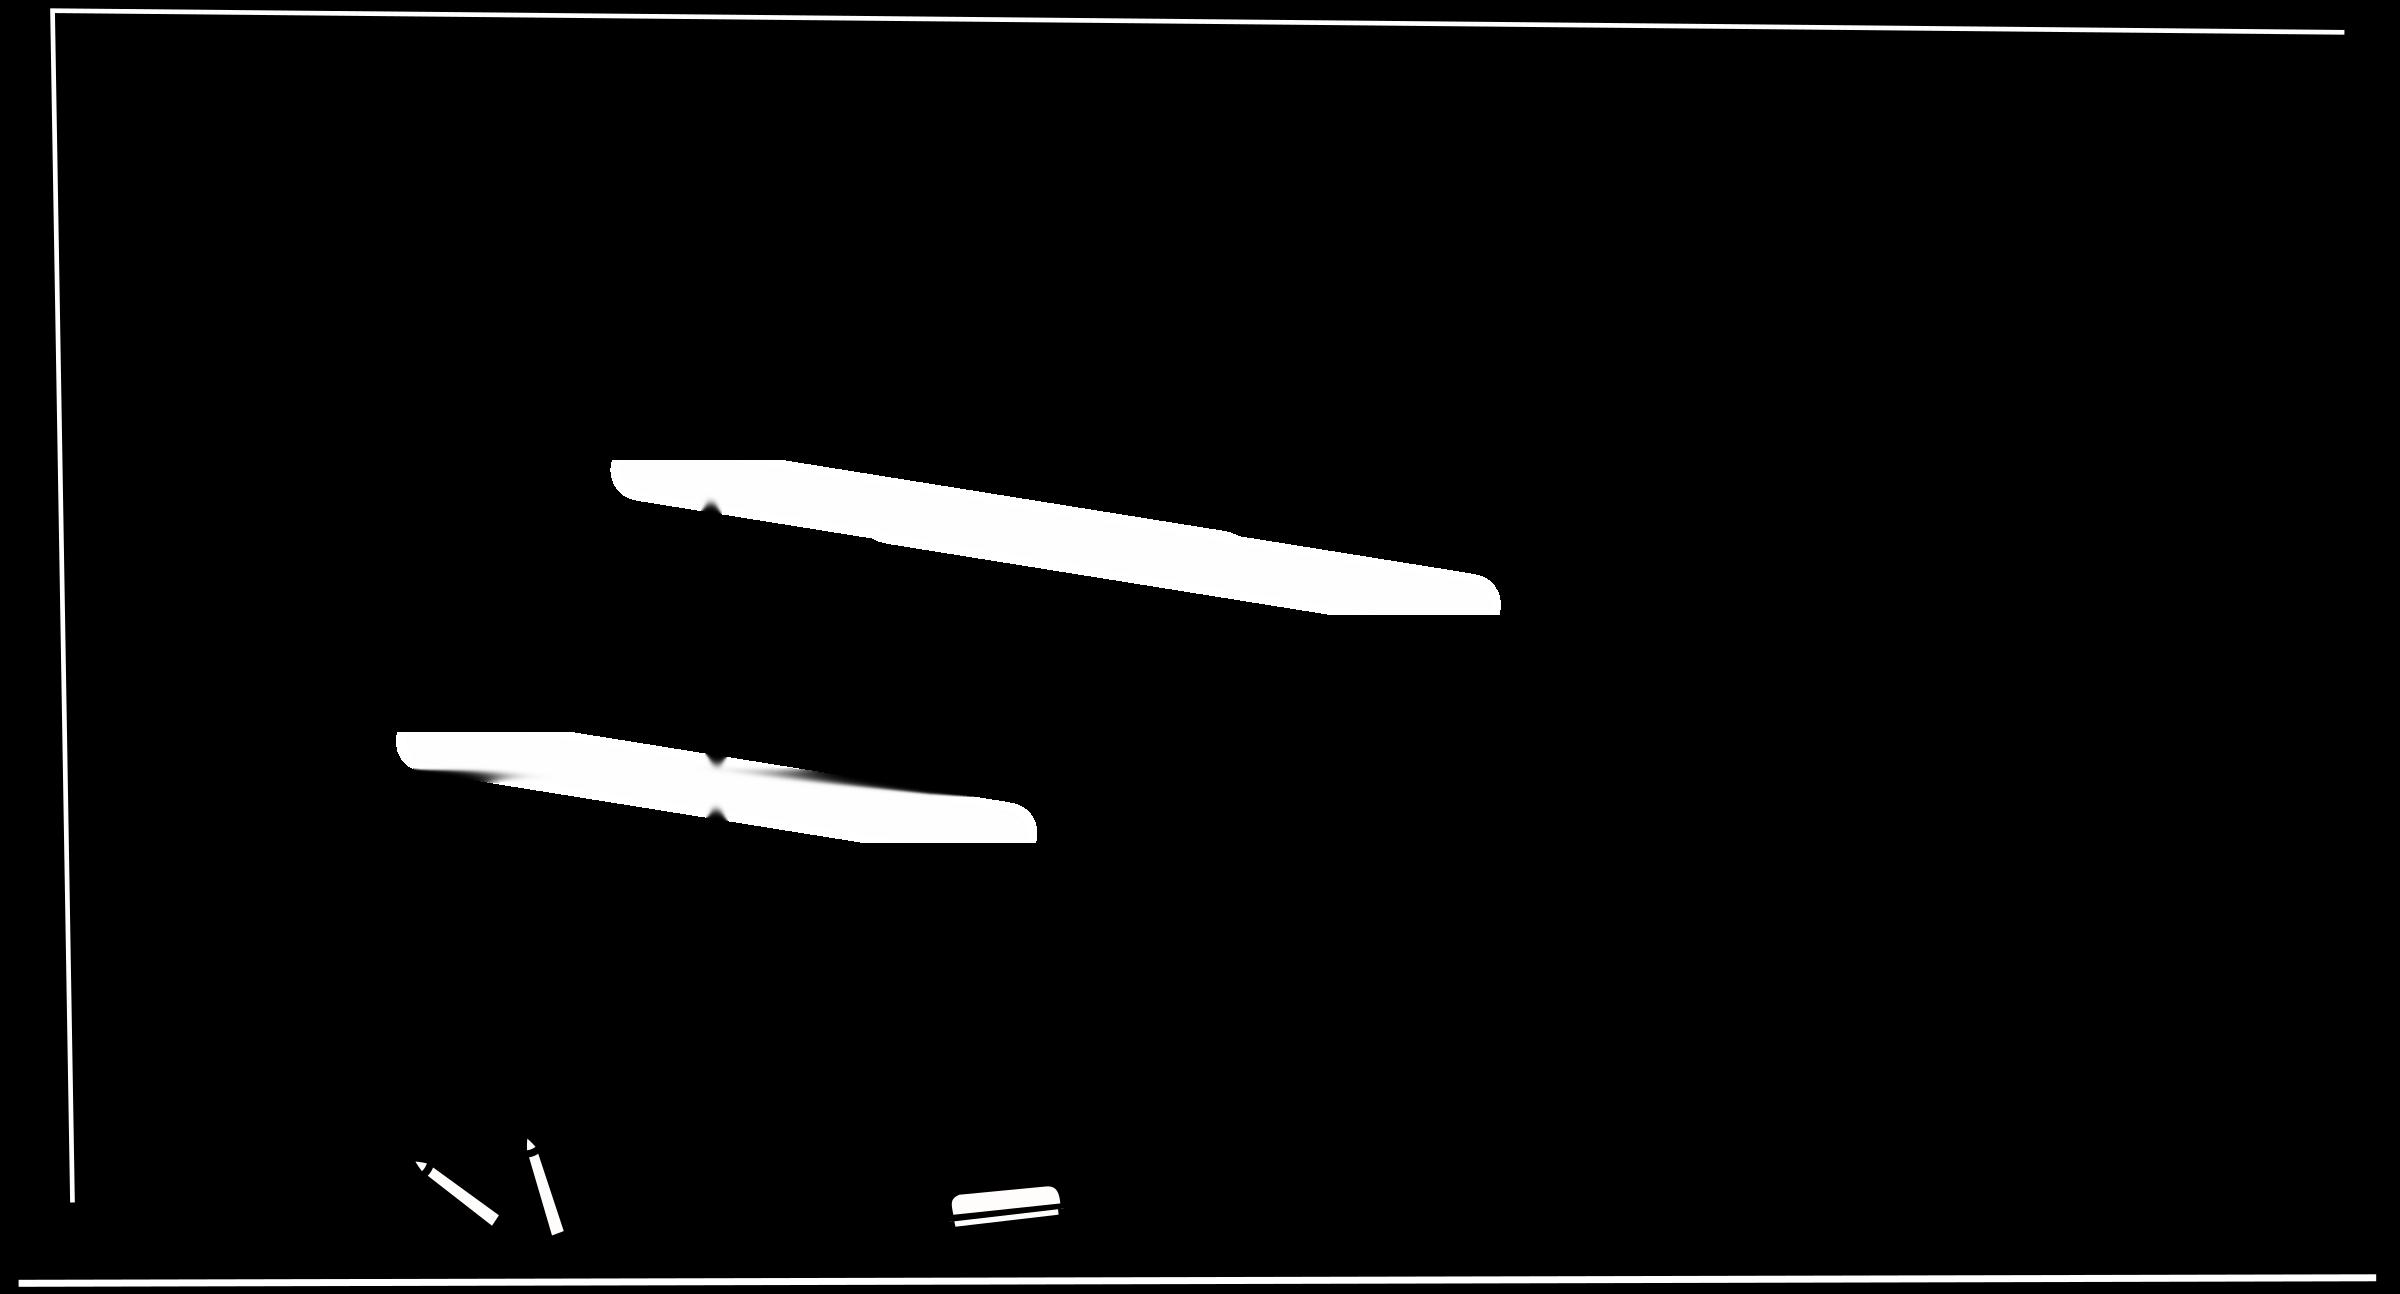 School blackboard clipart graphic Clipart - Blackboard graphic